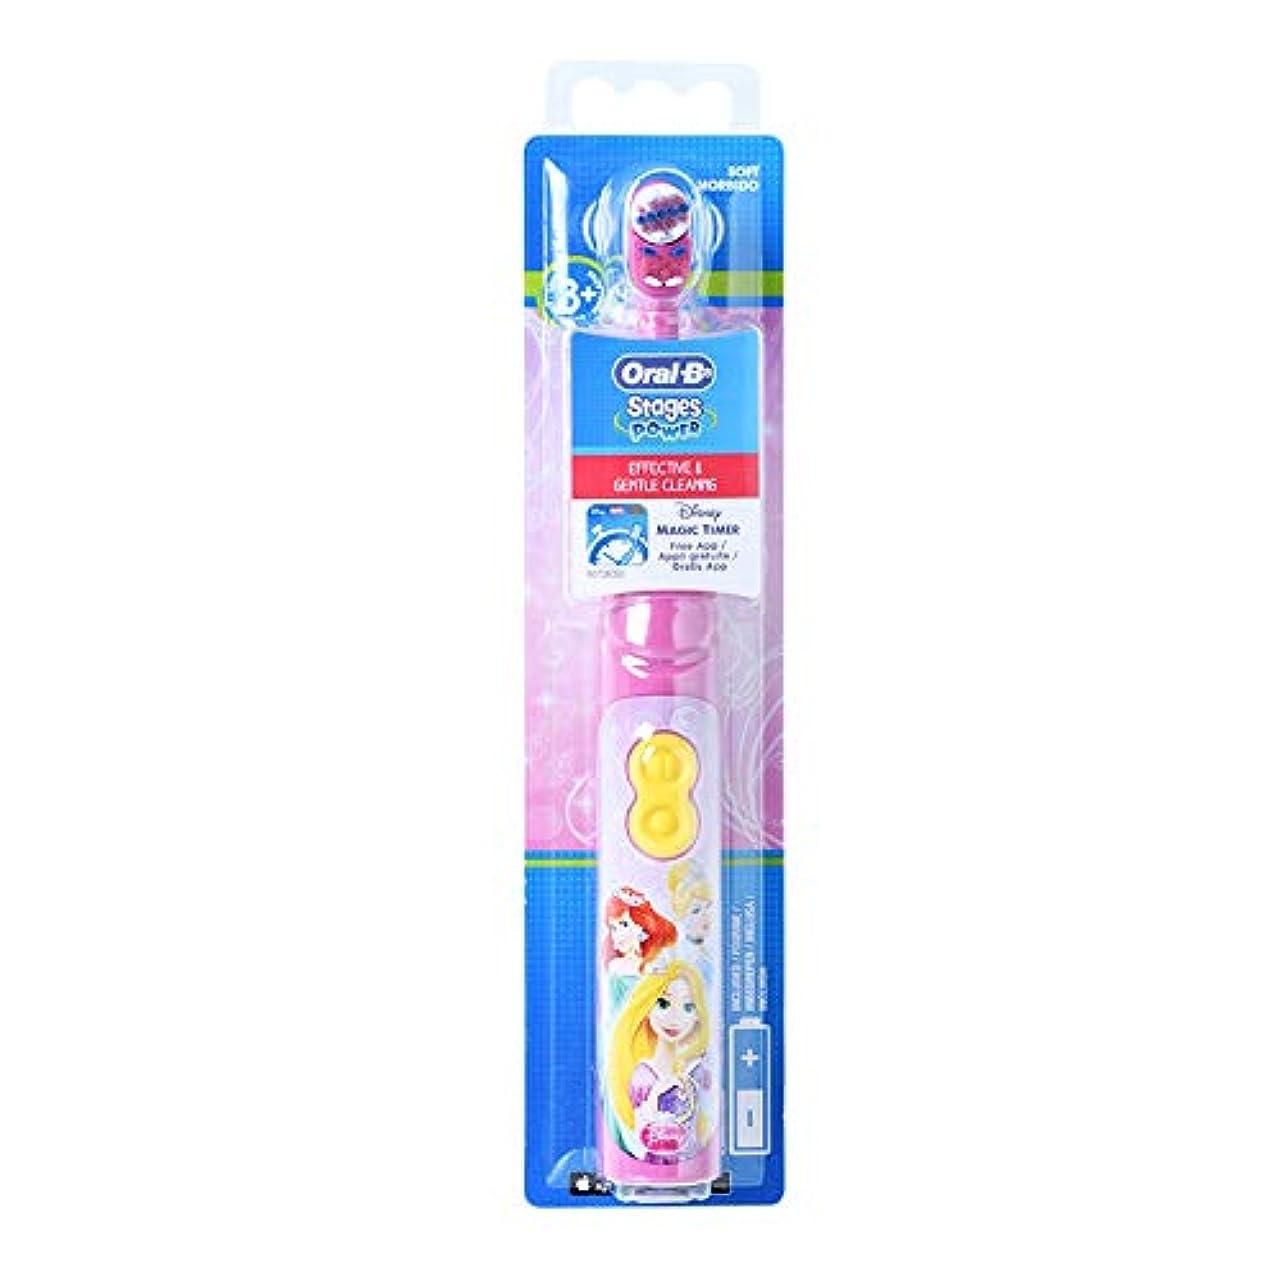 結婚する砂の波紋Oral-B DB3010 Stages Power Disney Princess 電動歯ブラシ [並行輸入品]